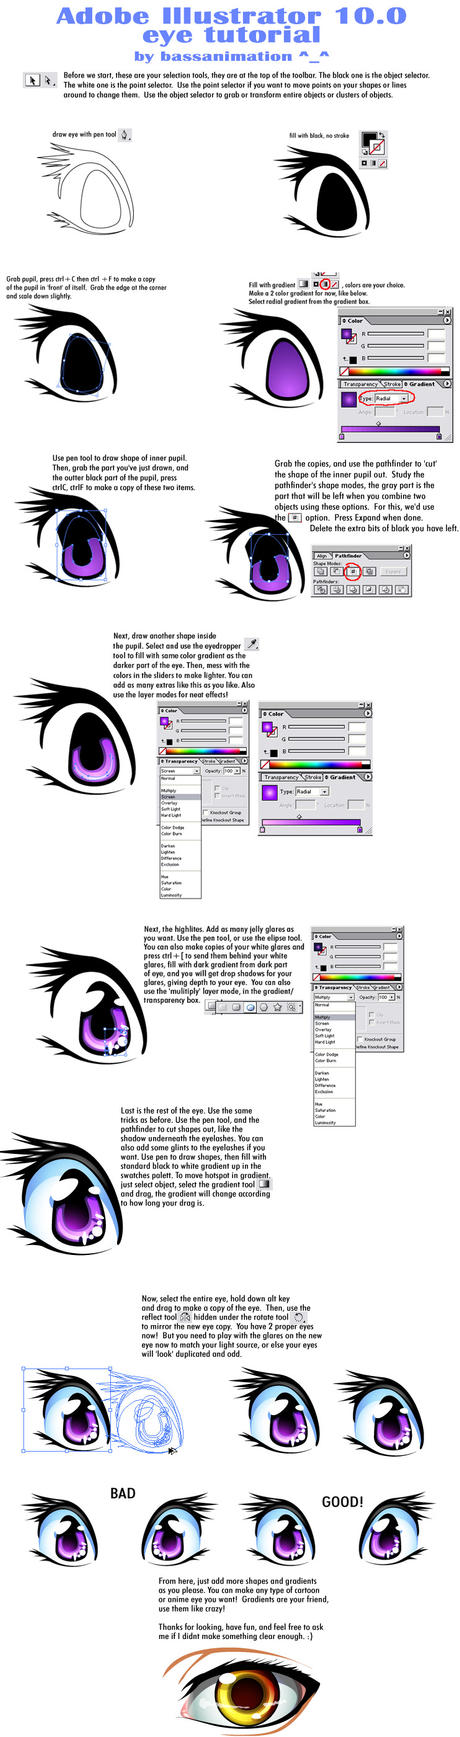 Adobe Illustrator Eye Tutorial by bassanimation